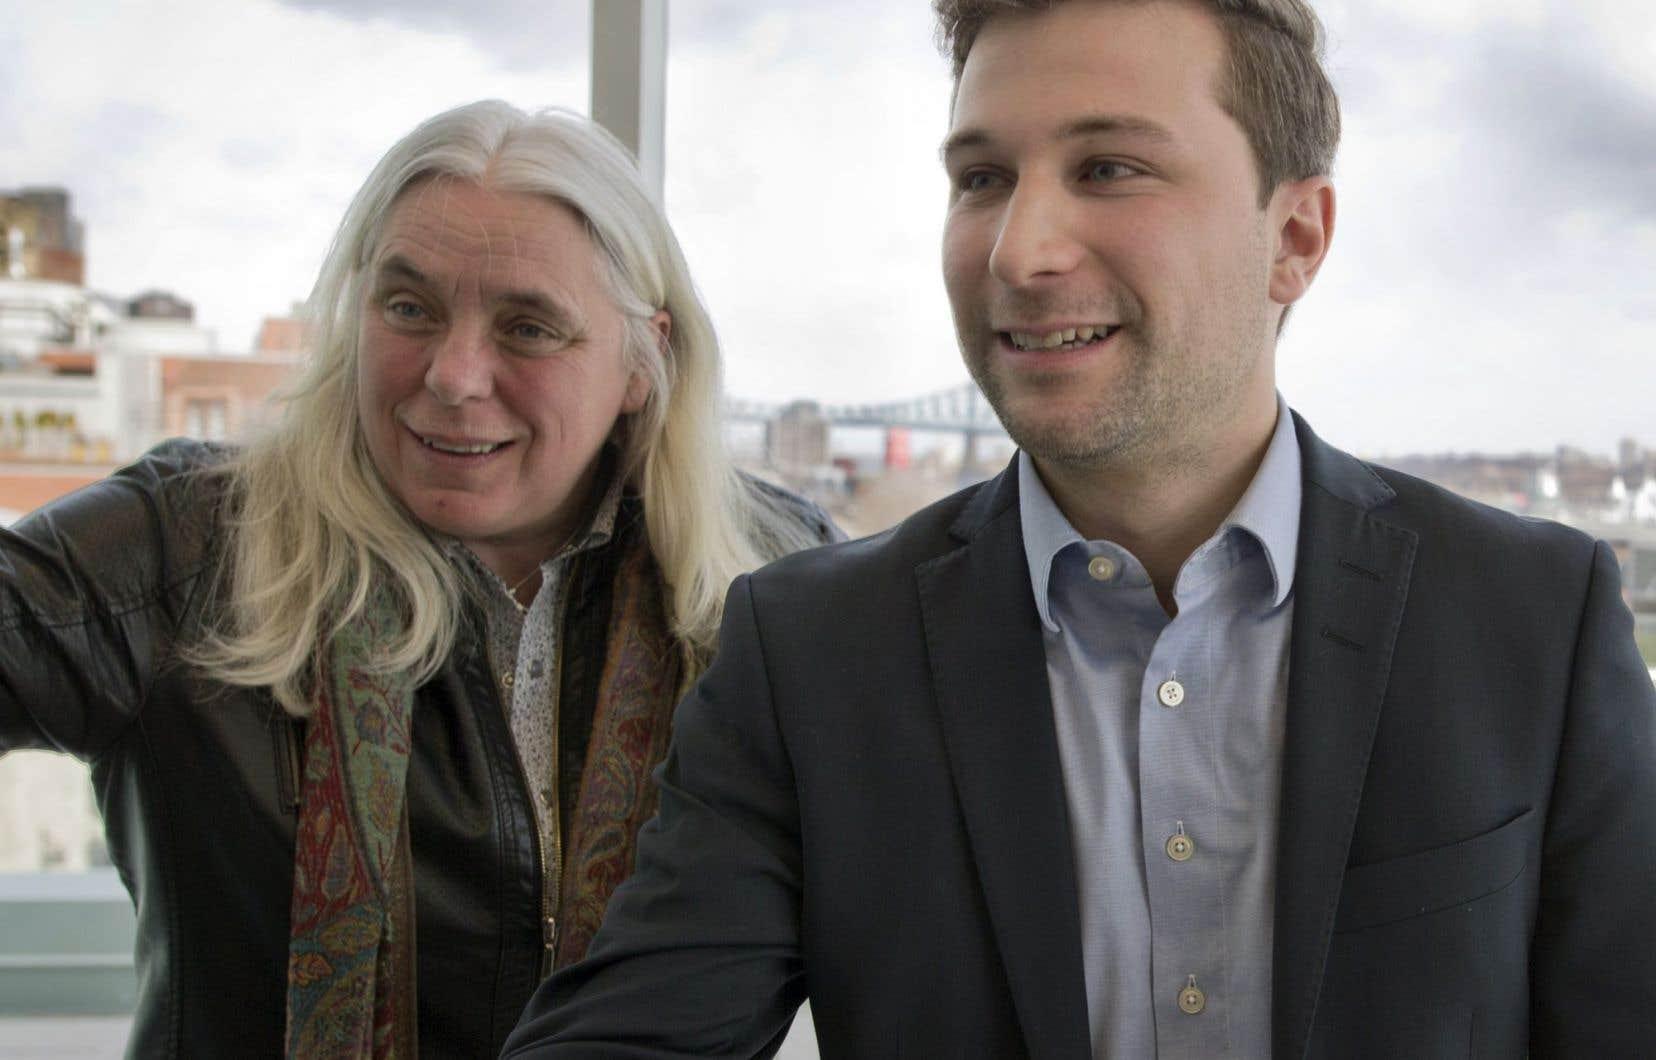 Les prétendants aux titres de co-porte-parole de Québec Solidaire, Manon Massé (à gauche), Gabriel Nadeau-Dubois (à droite) et Sylvain Lafrenière, ne sont pas assujettis à la Loi électorale.